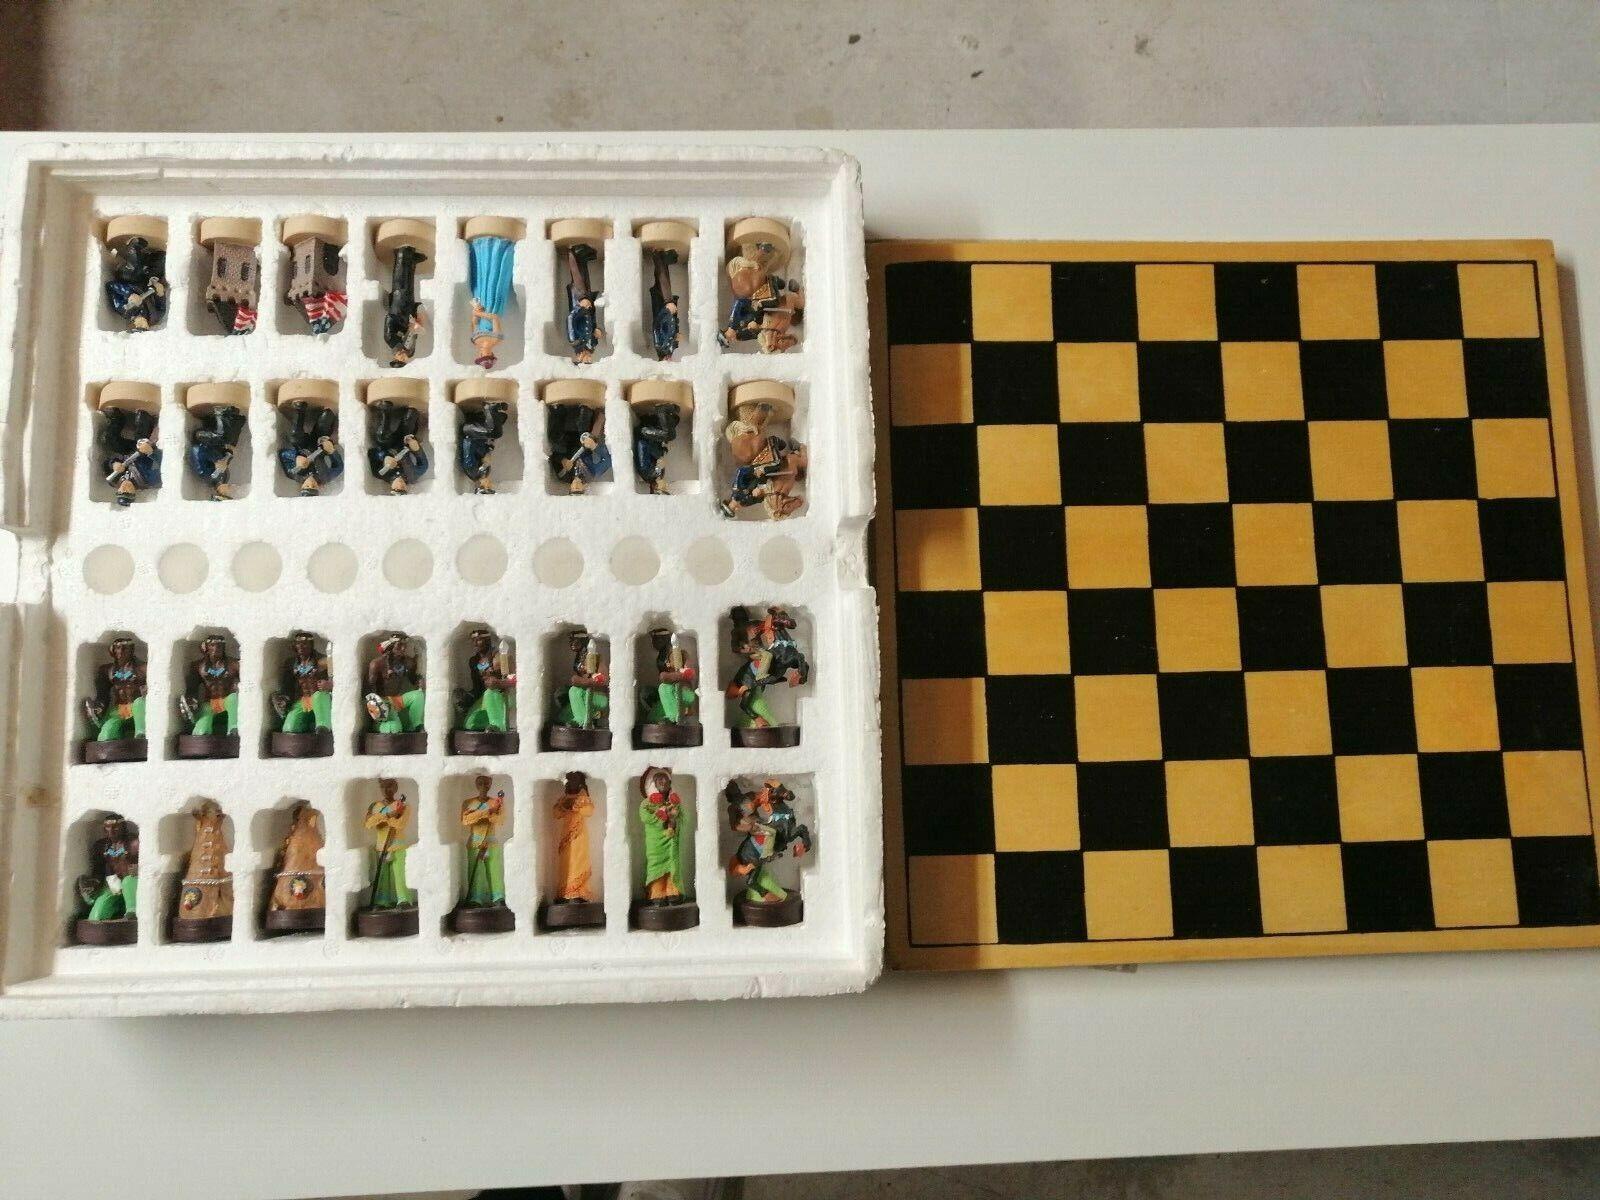 Grand Jeu d'échec bois et peint indiens d'amerique coffret ancien chess